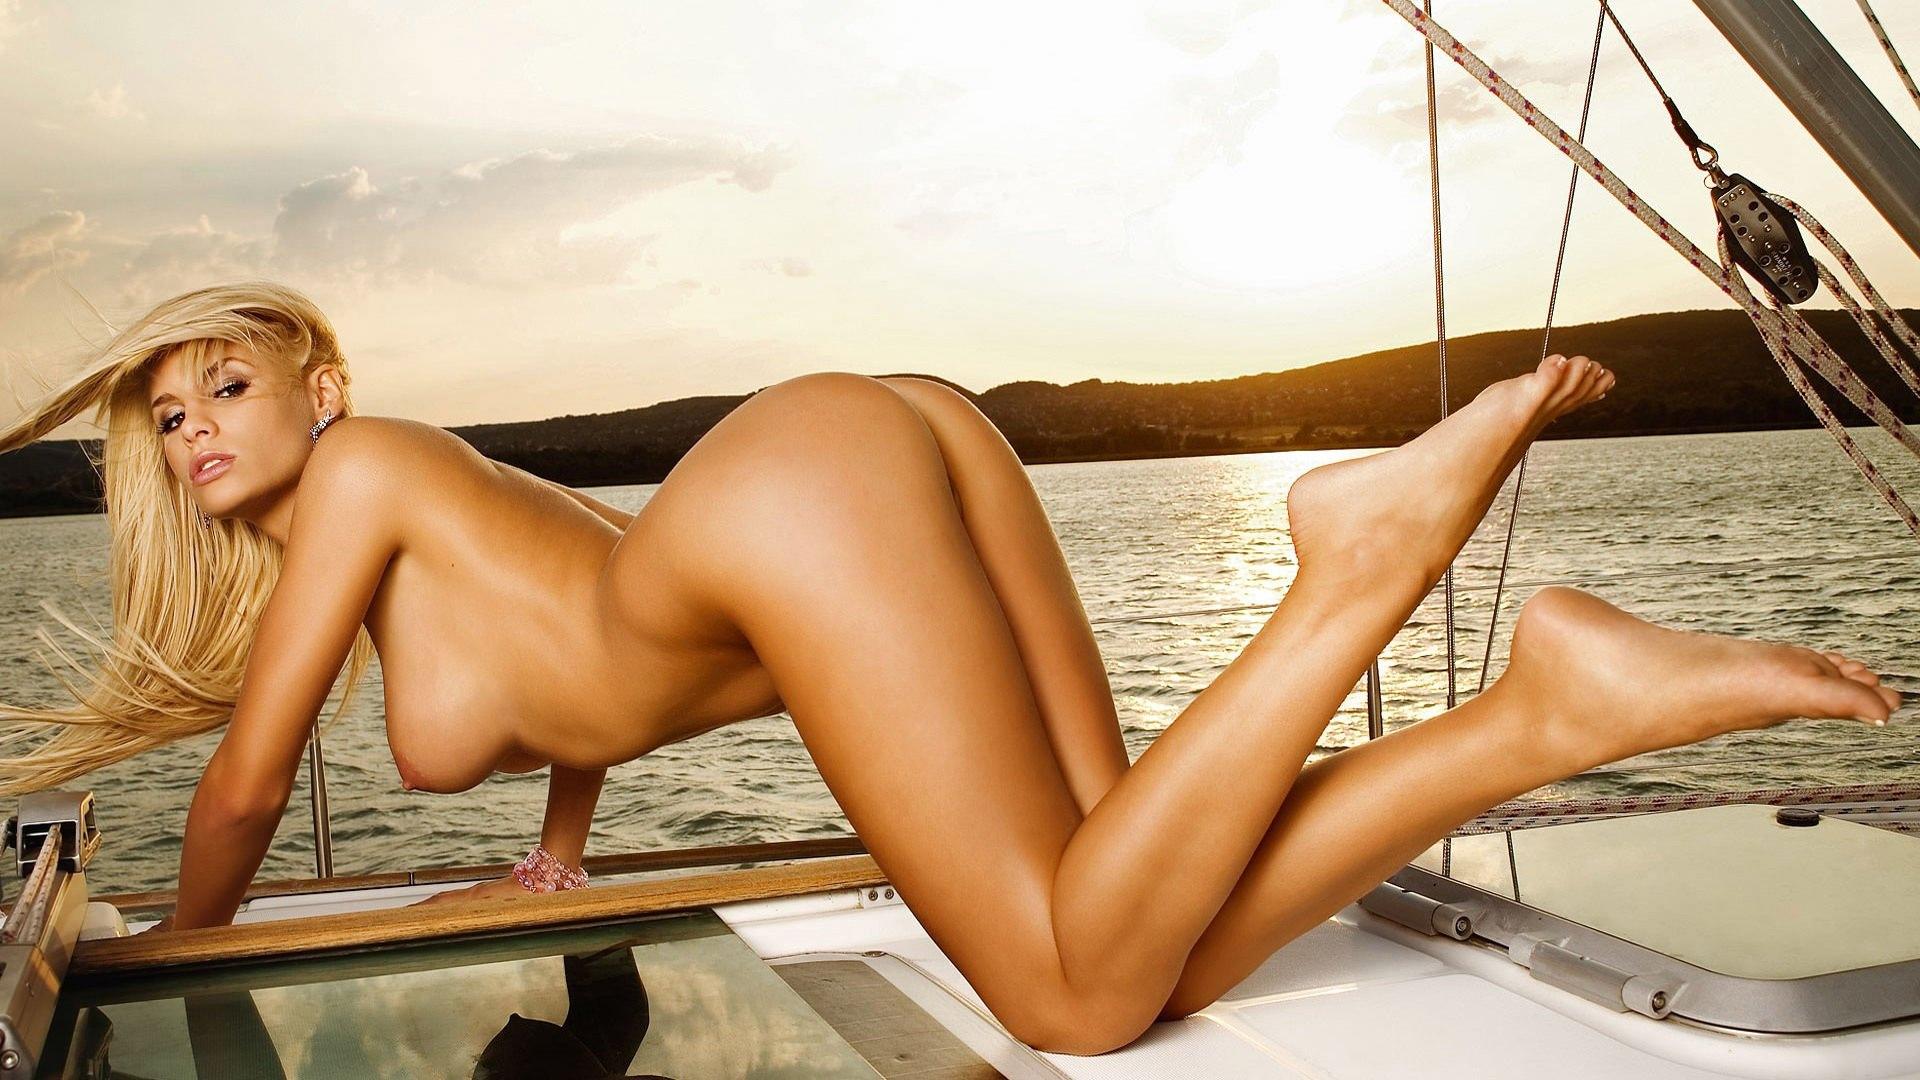 голые девушки на яхте фото